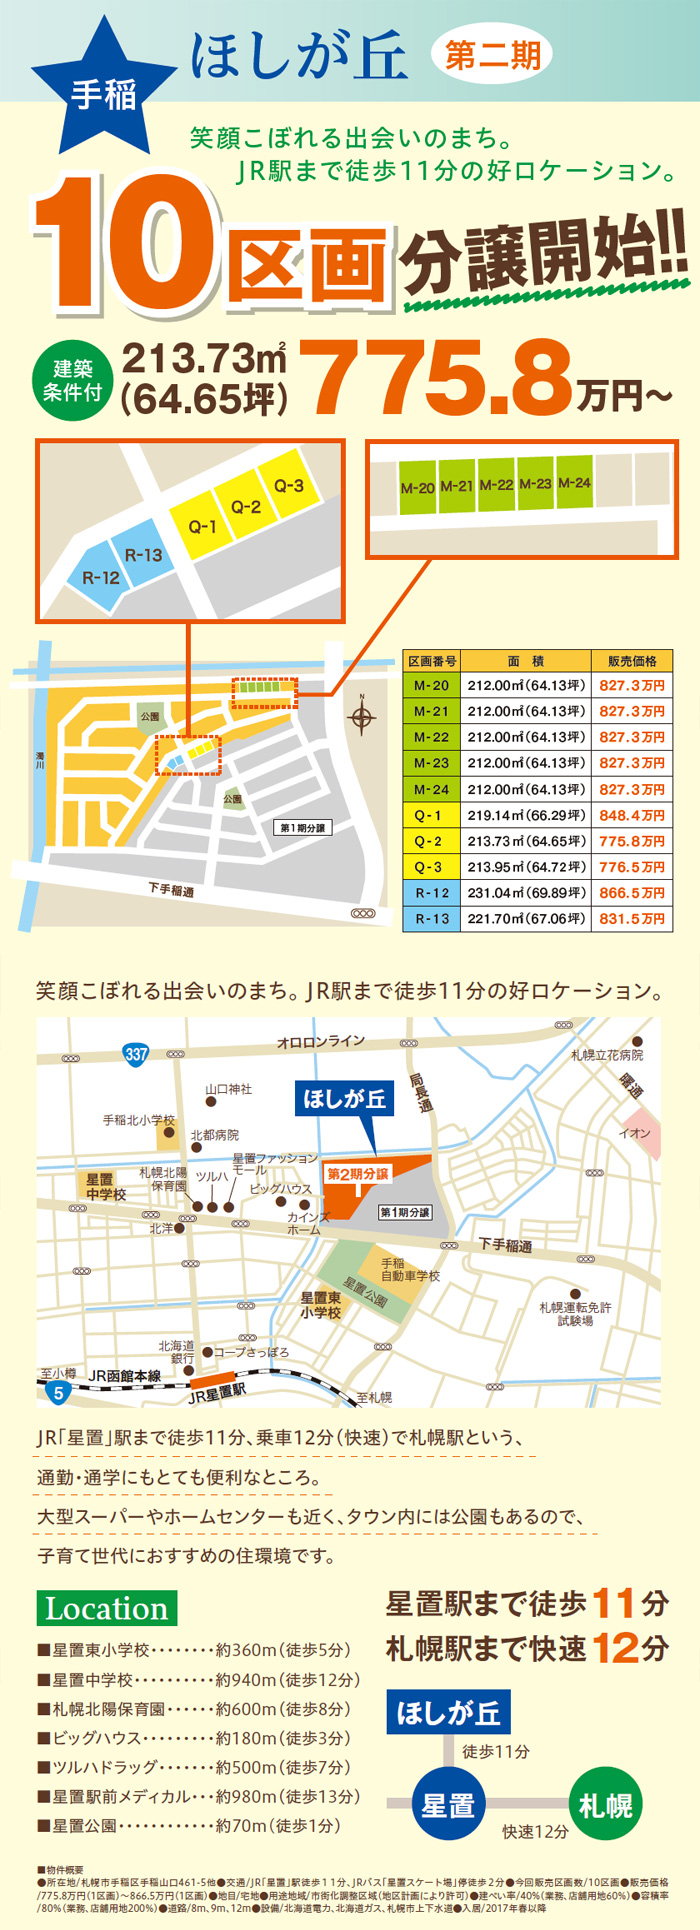 20141118_main.jpg